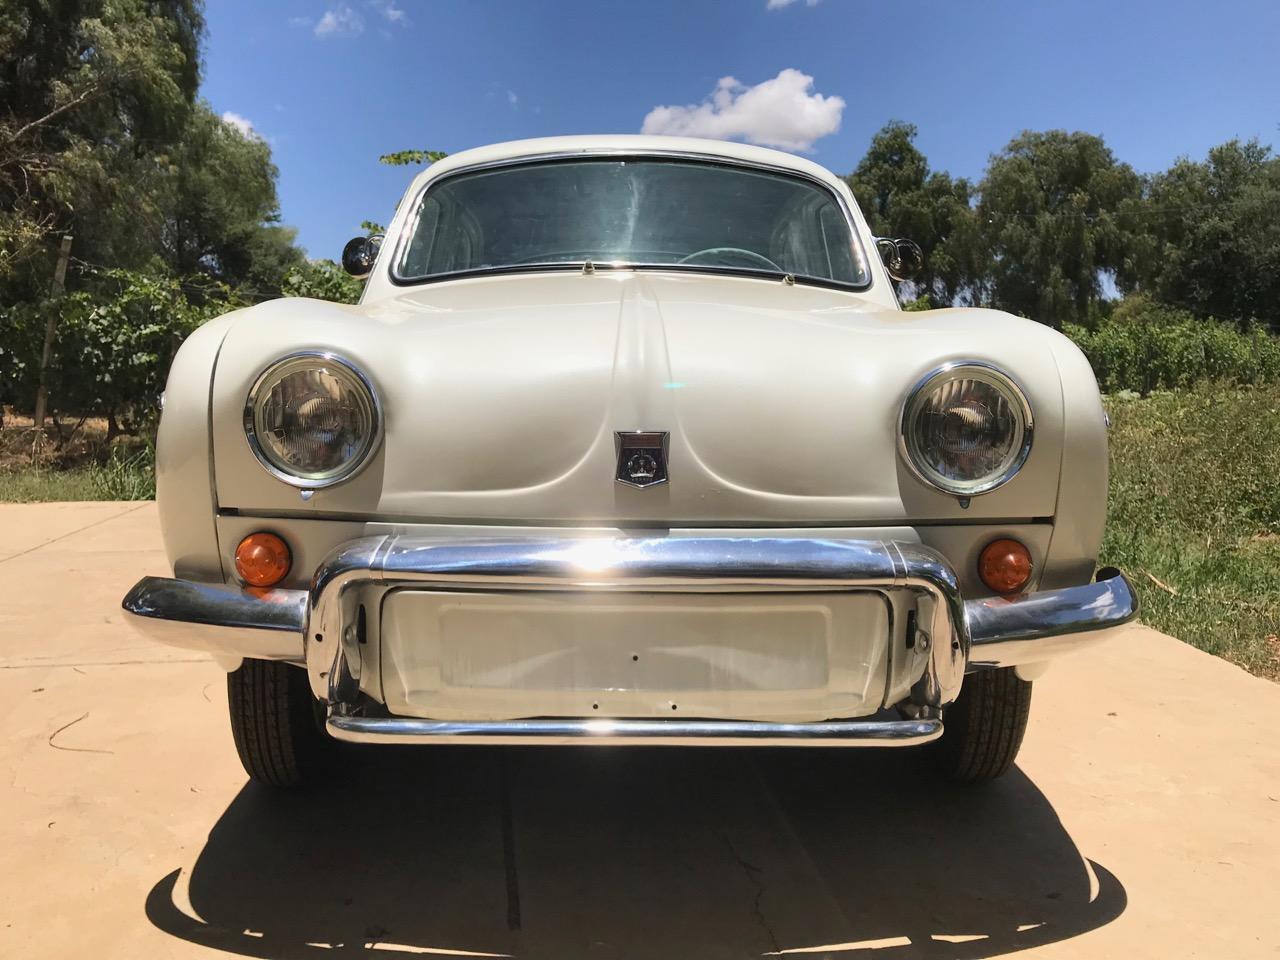 1962_renault-dauphine-front.jpg